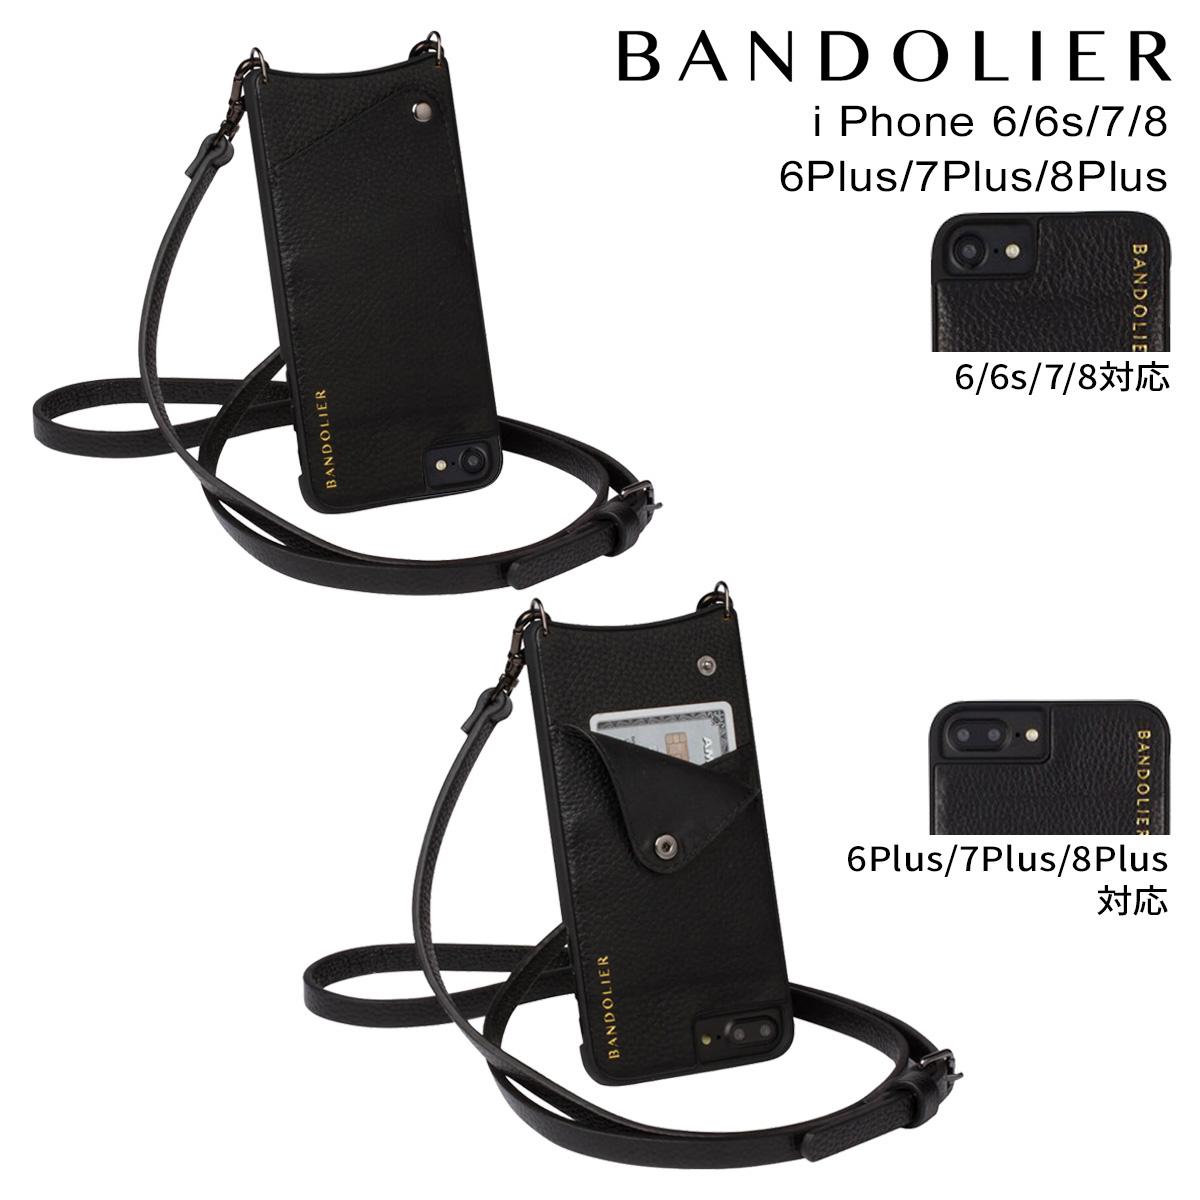 BANDOLIER EMMA バンドリヤー iPhone8 iPhone7 7Plus 6s ケース スマホ アイフォン プラス メンズ レディース レザー ブラック [3/18 再入荷]